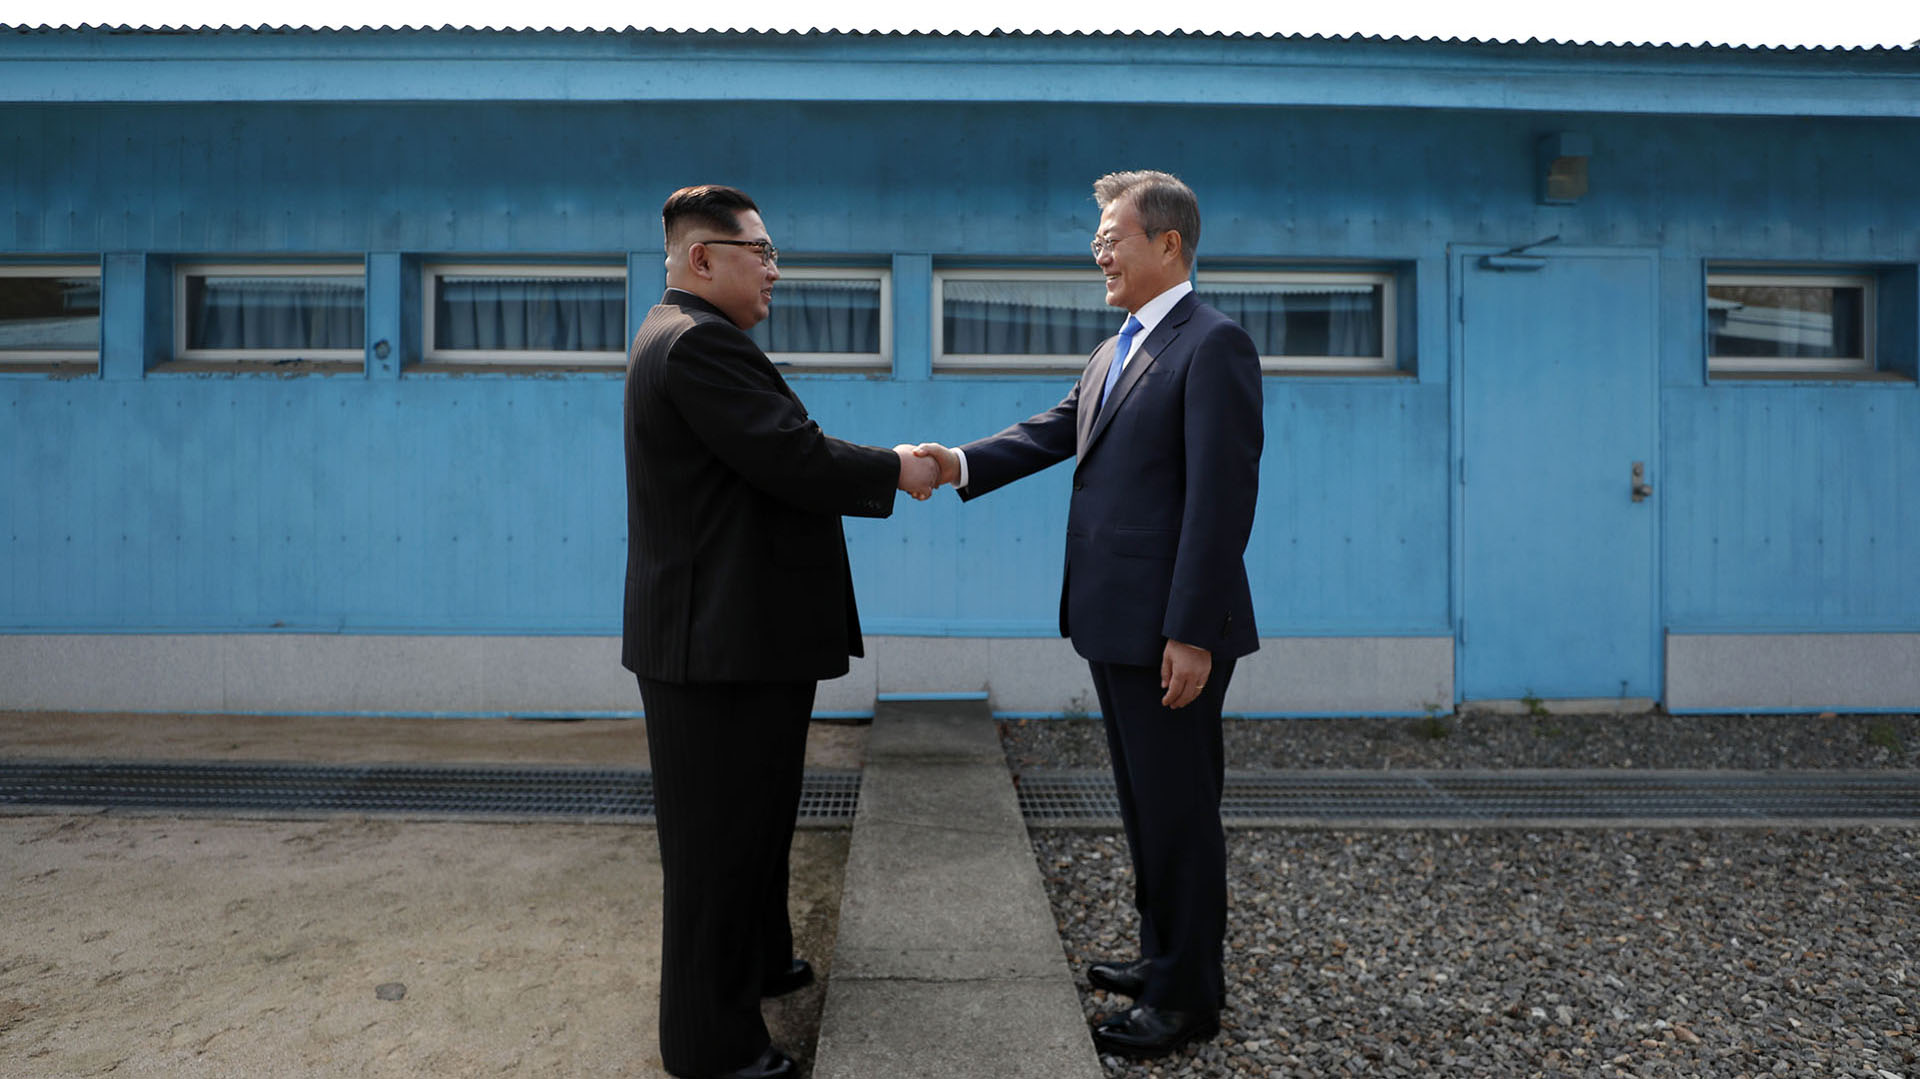 El líder de Corea del Norte, Kim Jong-un, estrecha la mano del presidente de Corea del Sur, Moon Jae-in, en la Línea de Demarcación Militar queseparaa sus países antes dela cumbre en la aldea de tregua de Panmunjom el 27 de abril de 2018